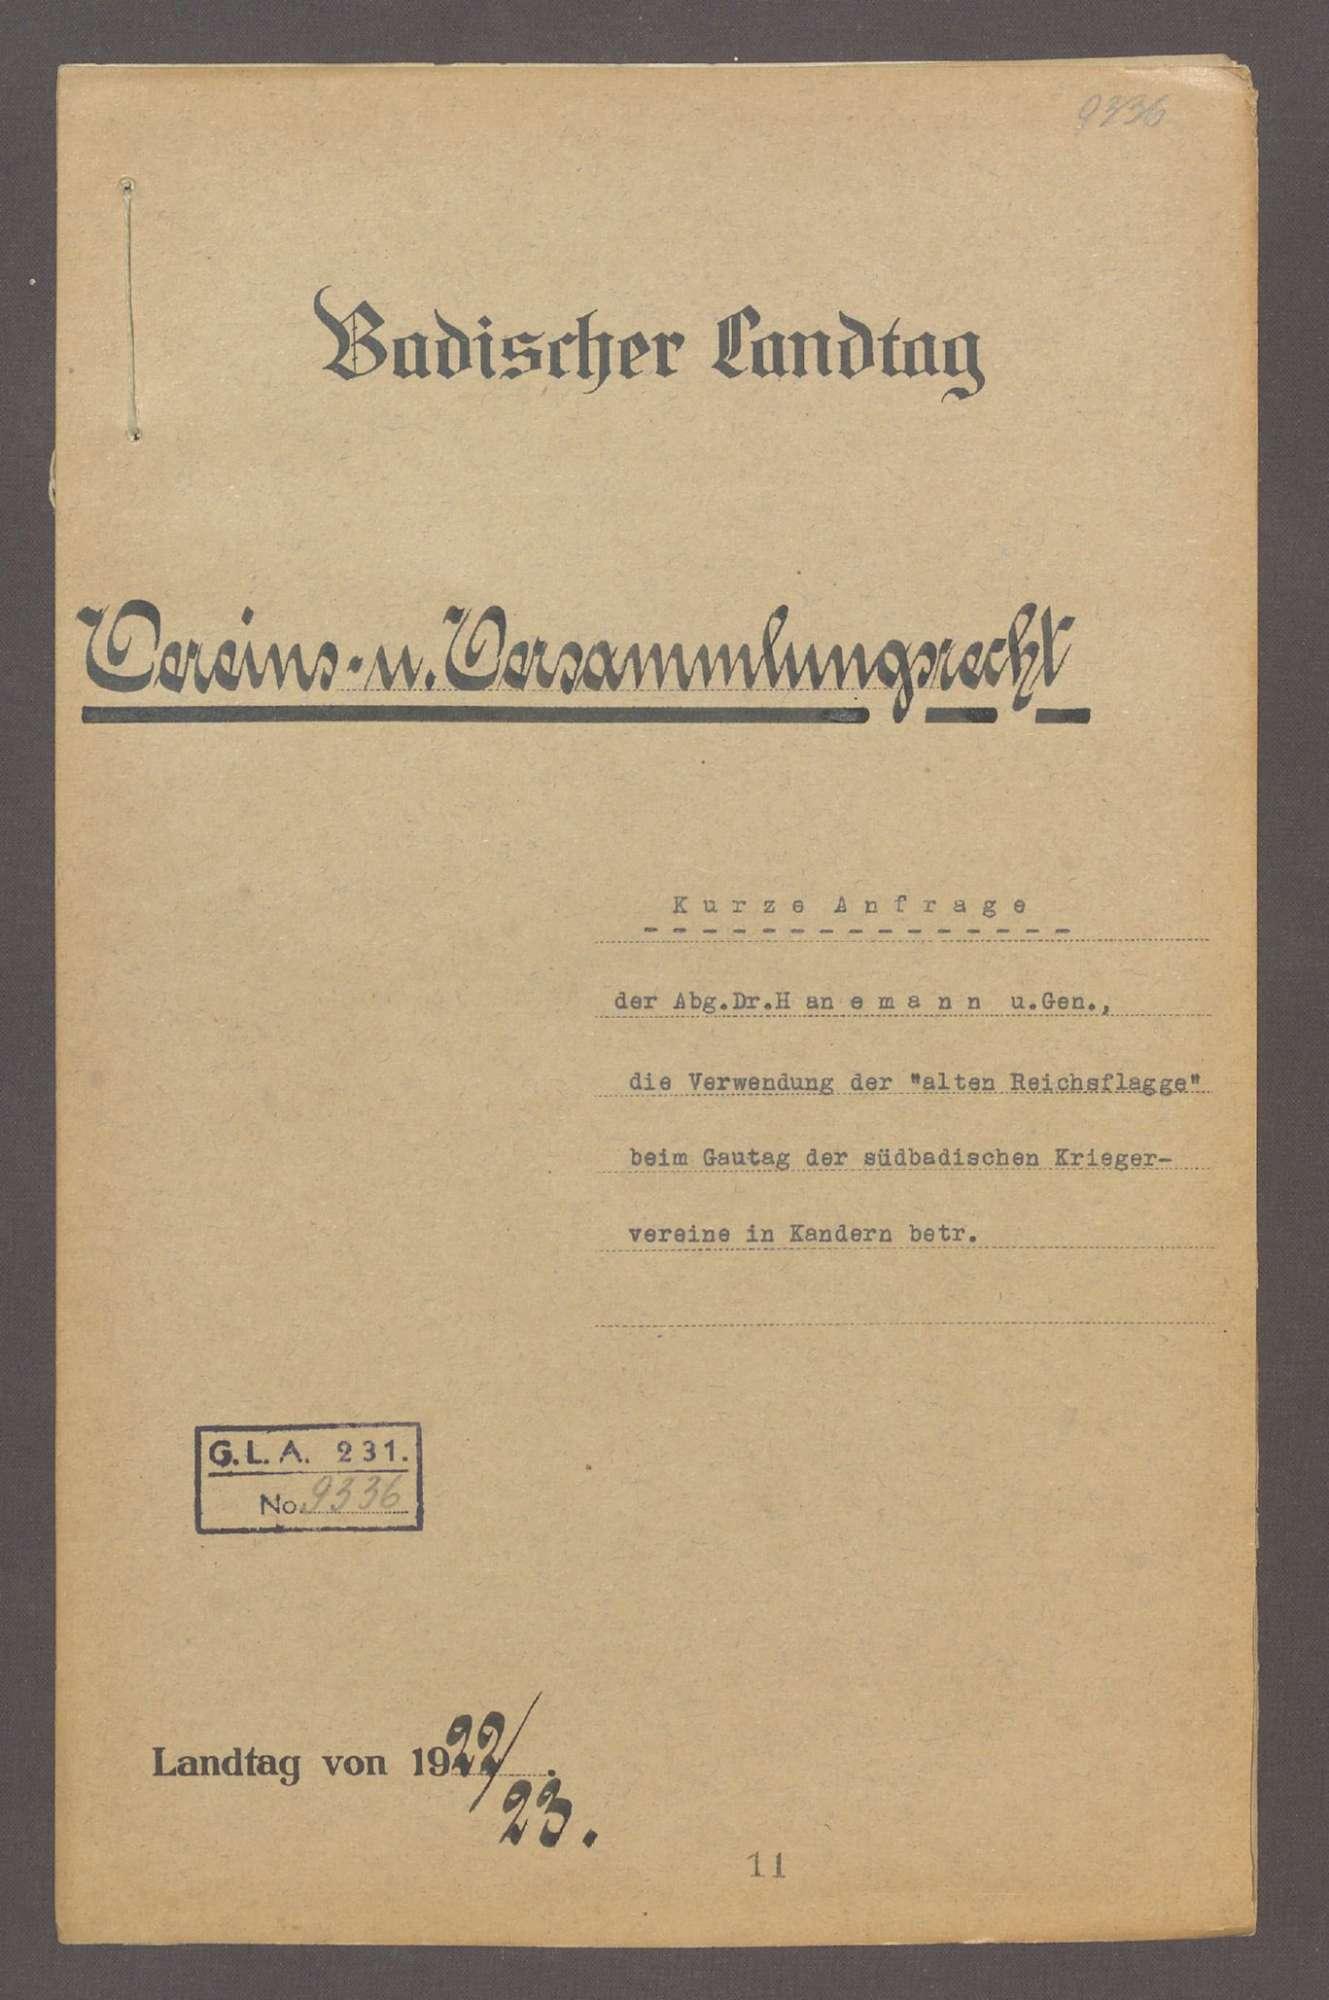 """Kurze Anfrage der Abg. Dr. Hanemann u. Gen., die Verwendung der """"Alten Reichsflagge"""" beim Gautag der süddeutschen Kriegervereine in Kandern betr., Bild 1"""